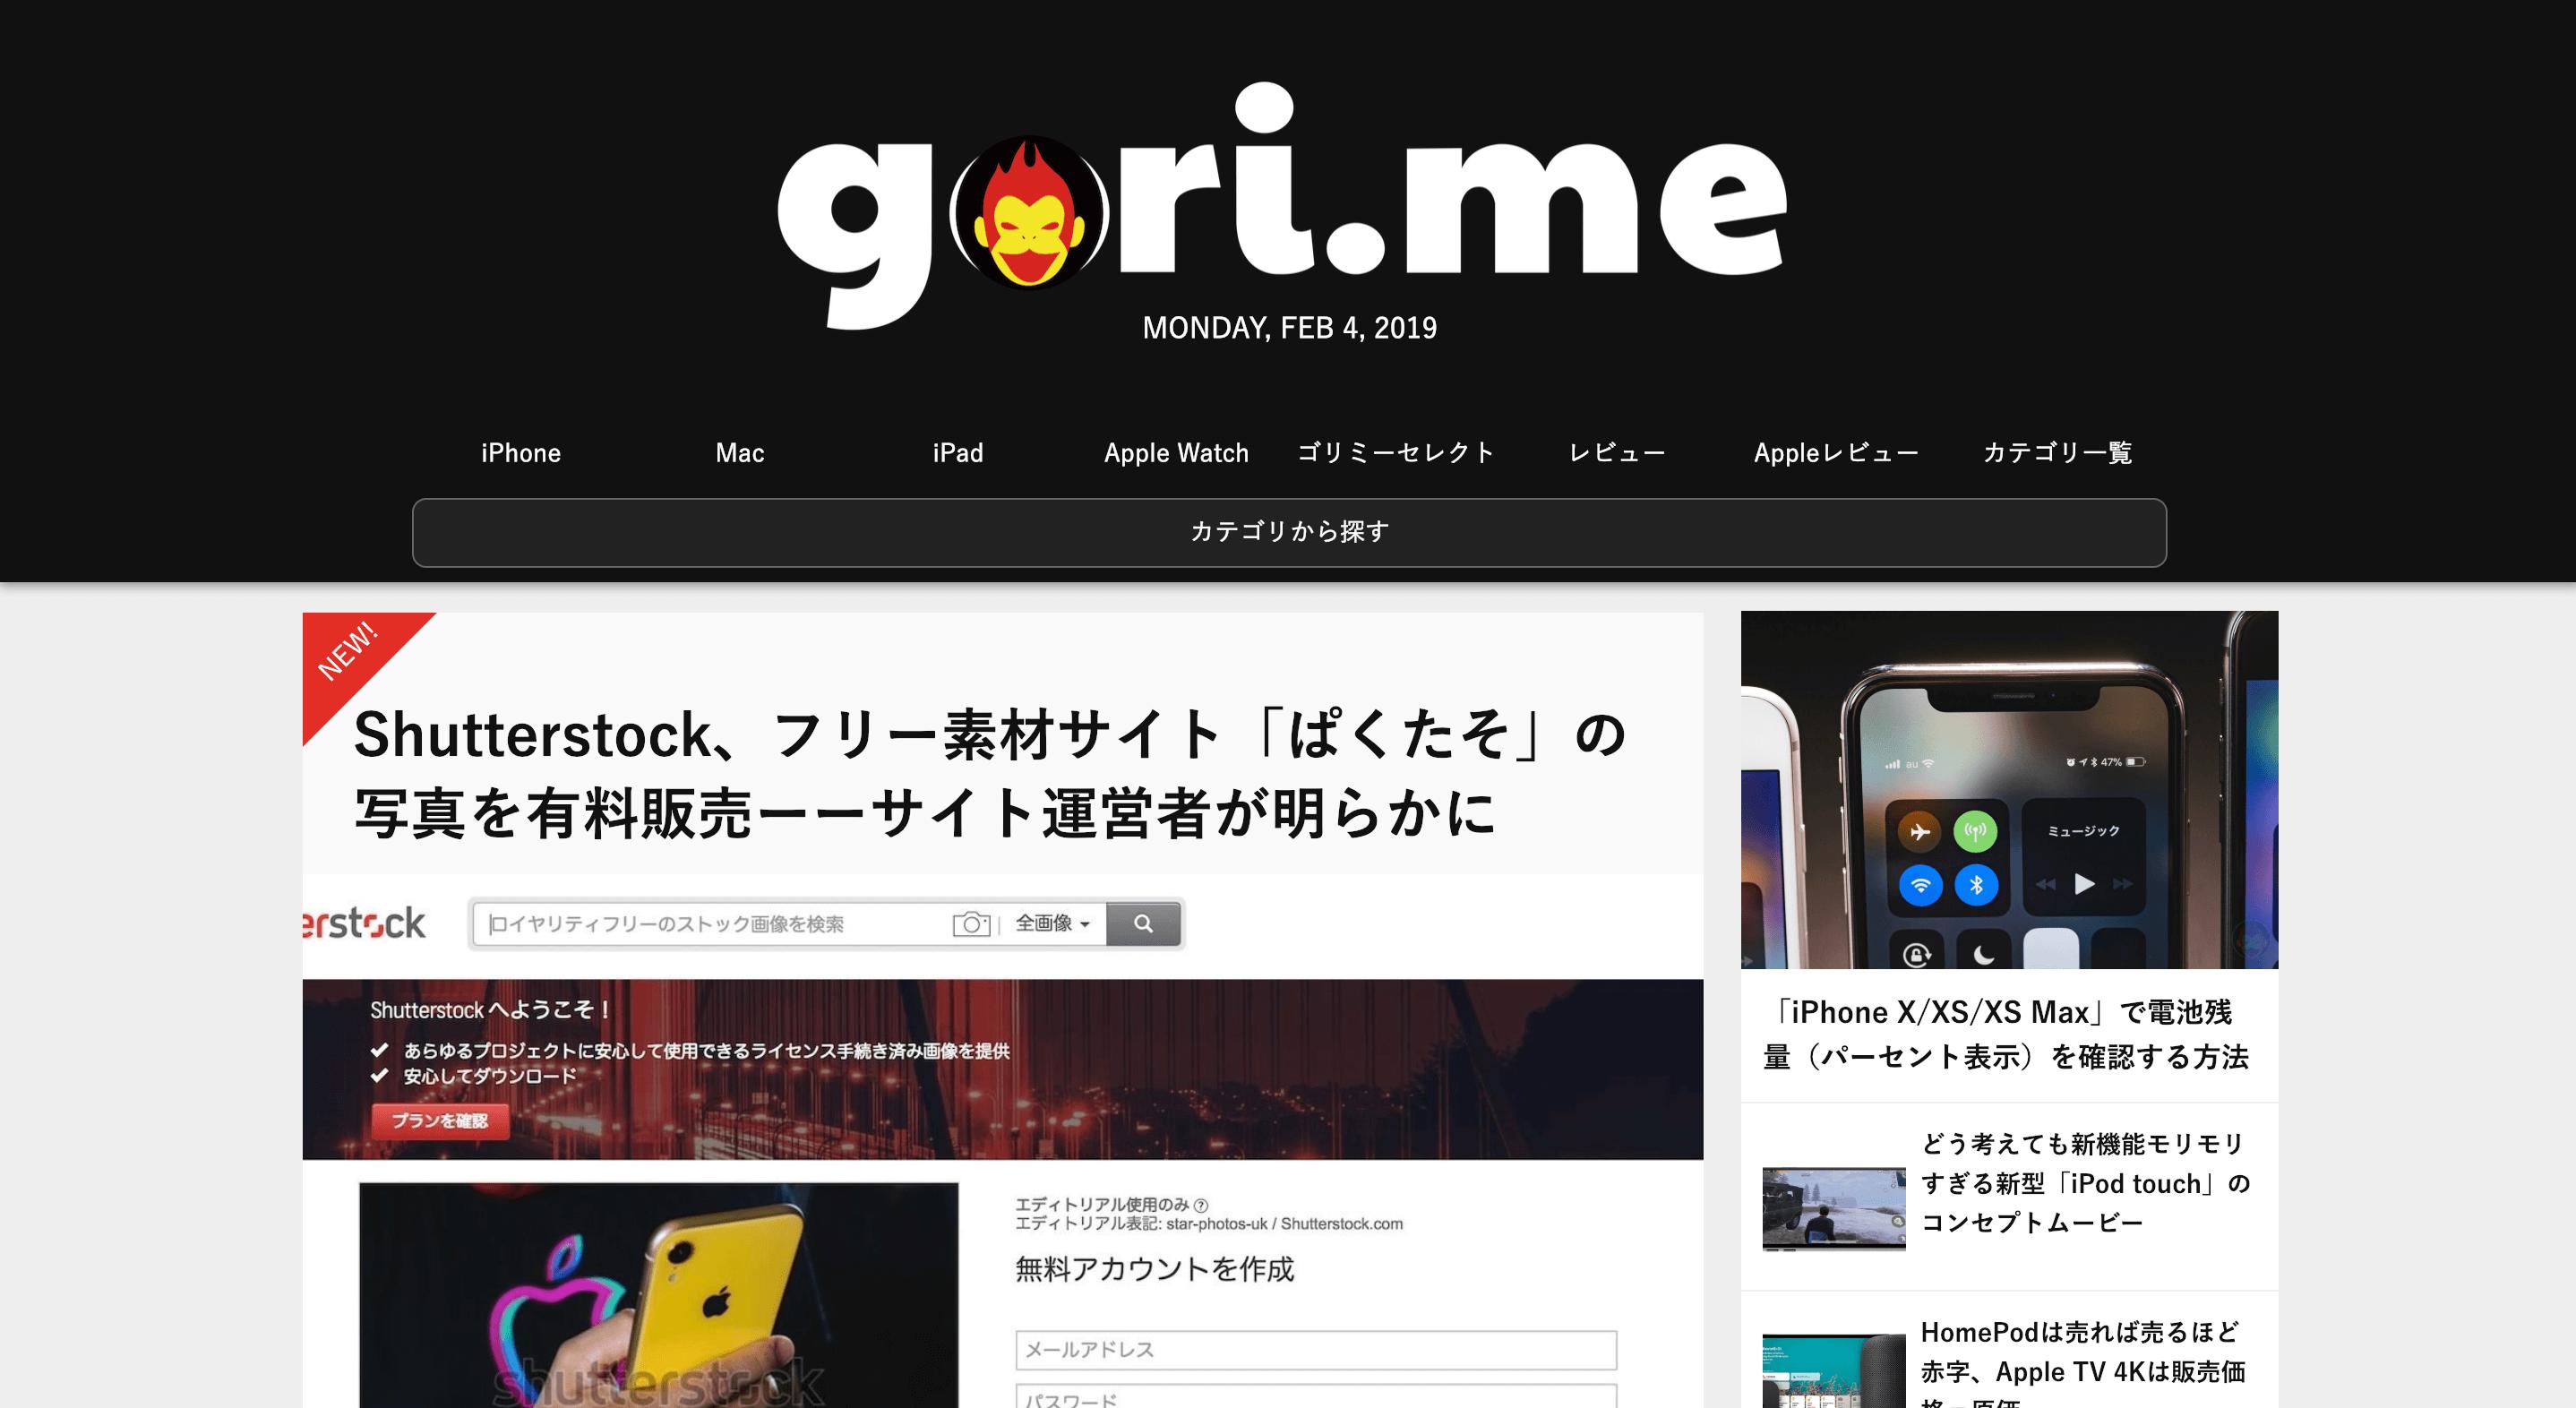 gori.me(ゴリミー) | Appleニュース&ガジェットレビューのテック系ブログメディア